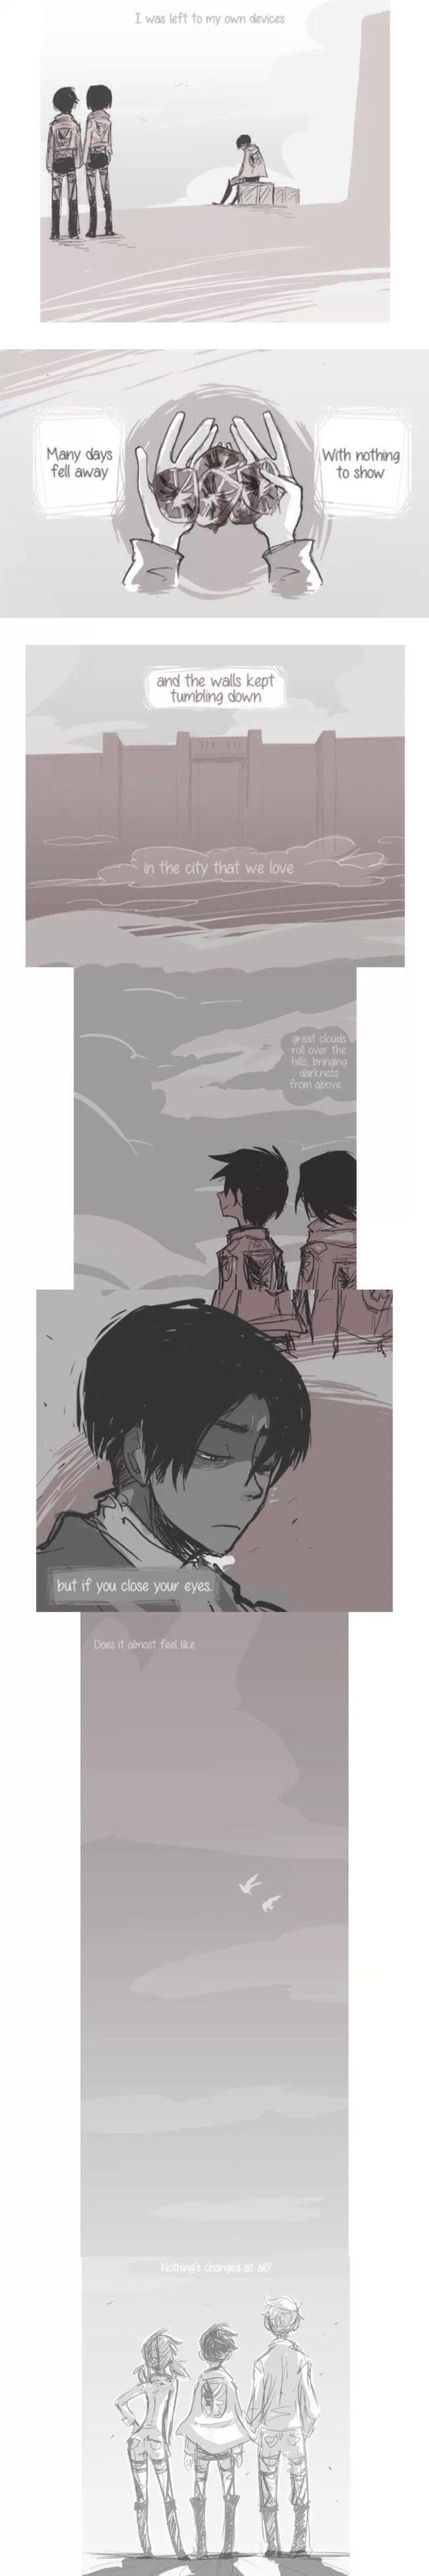 La cosa más difícil de nuestra vida es que la obligación nos impida expresar la perdida de nuestros amigos.